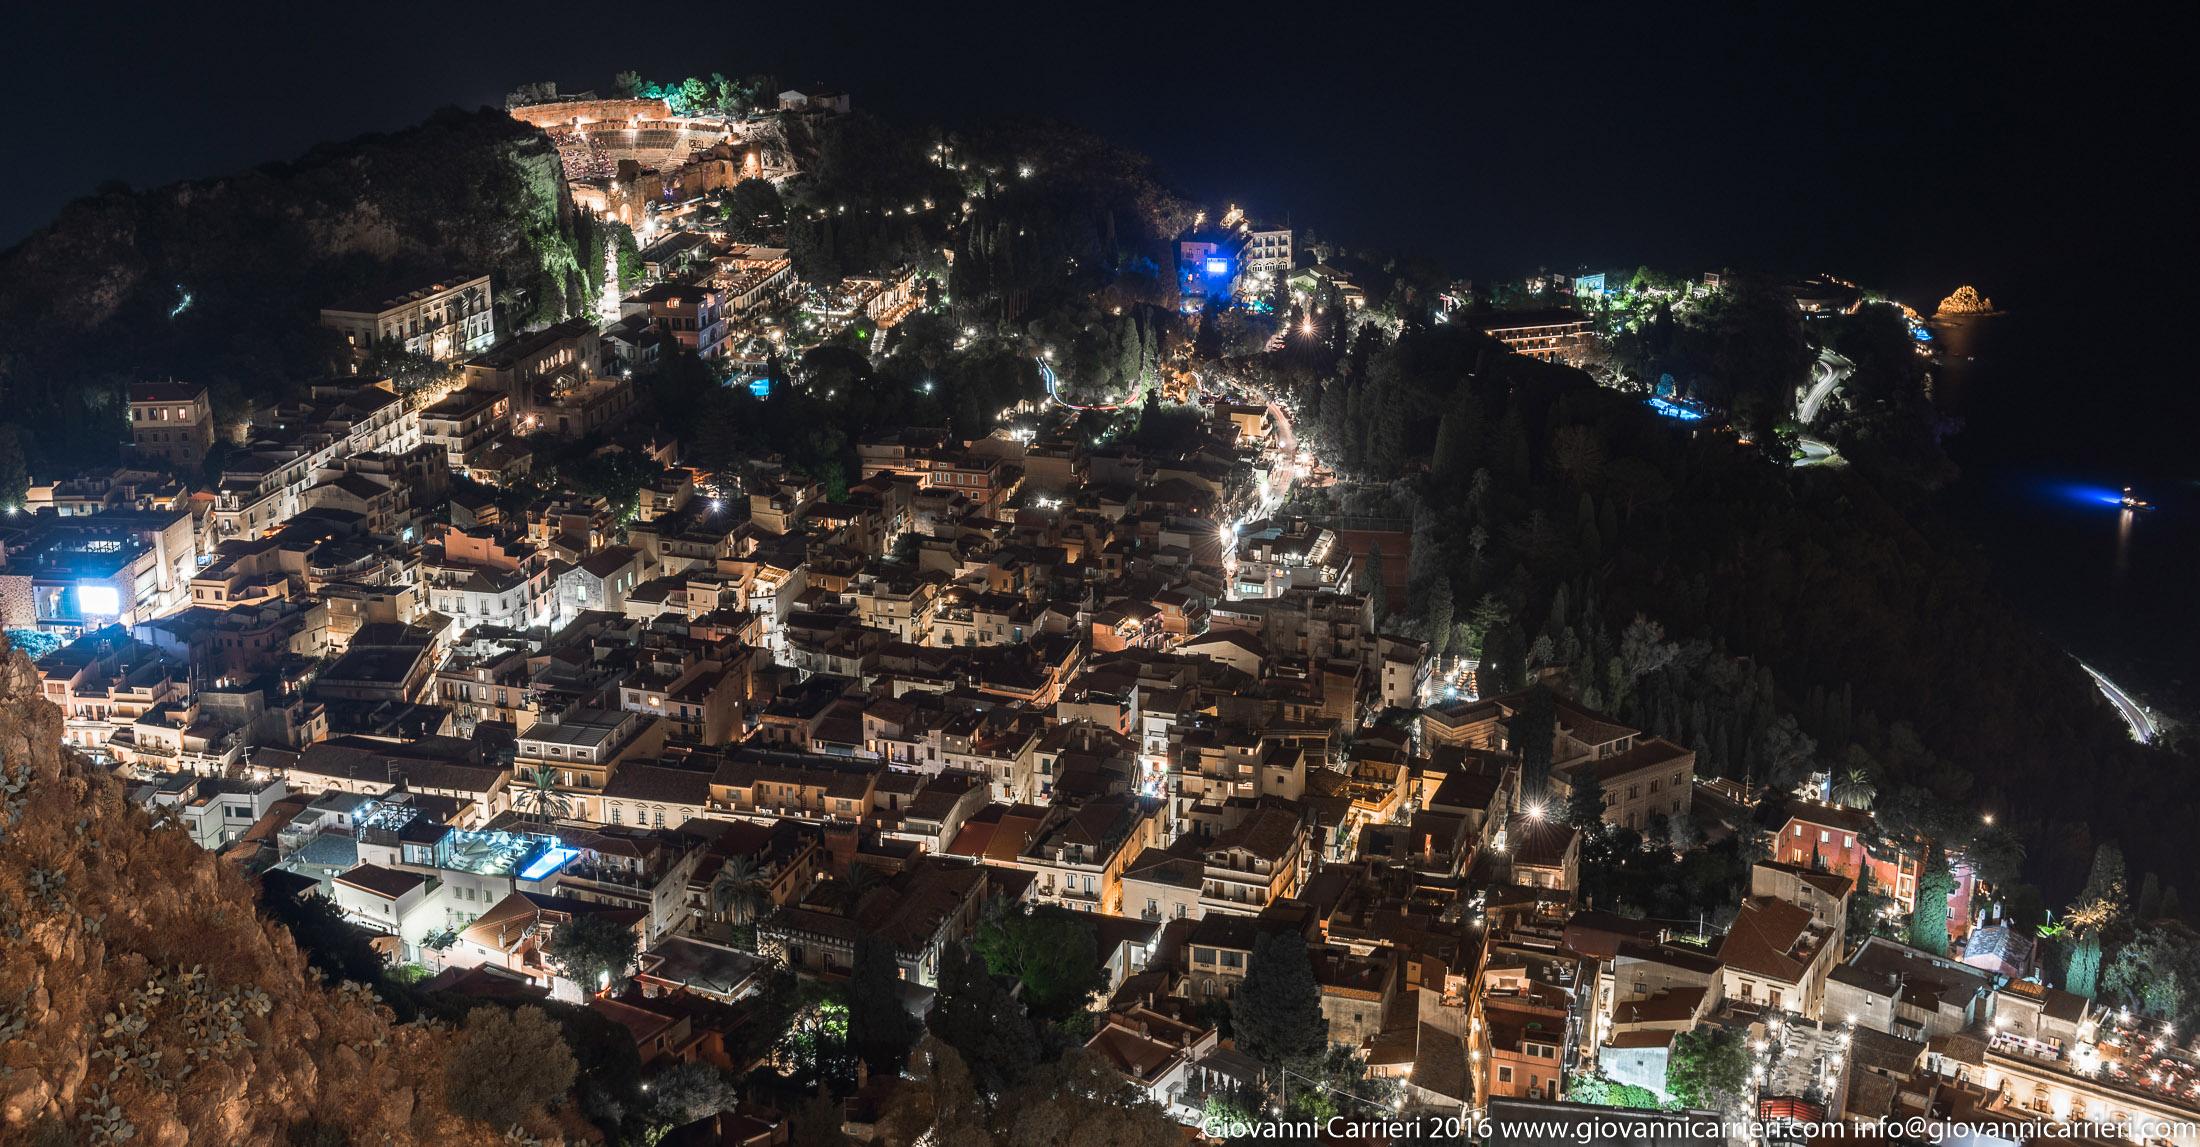 Vista panoramica di Taormina in notturna